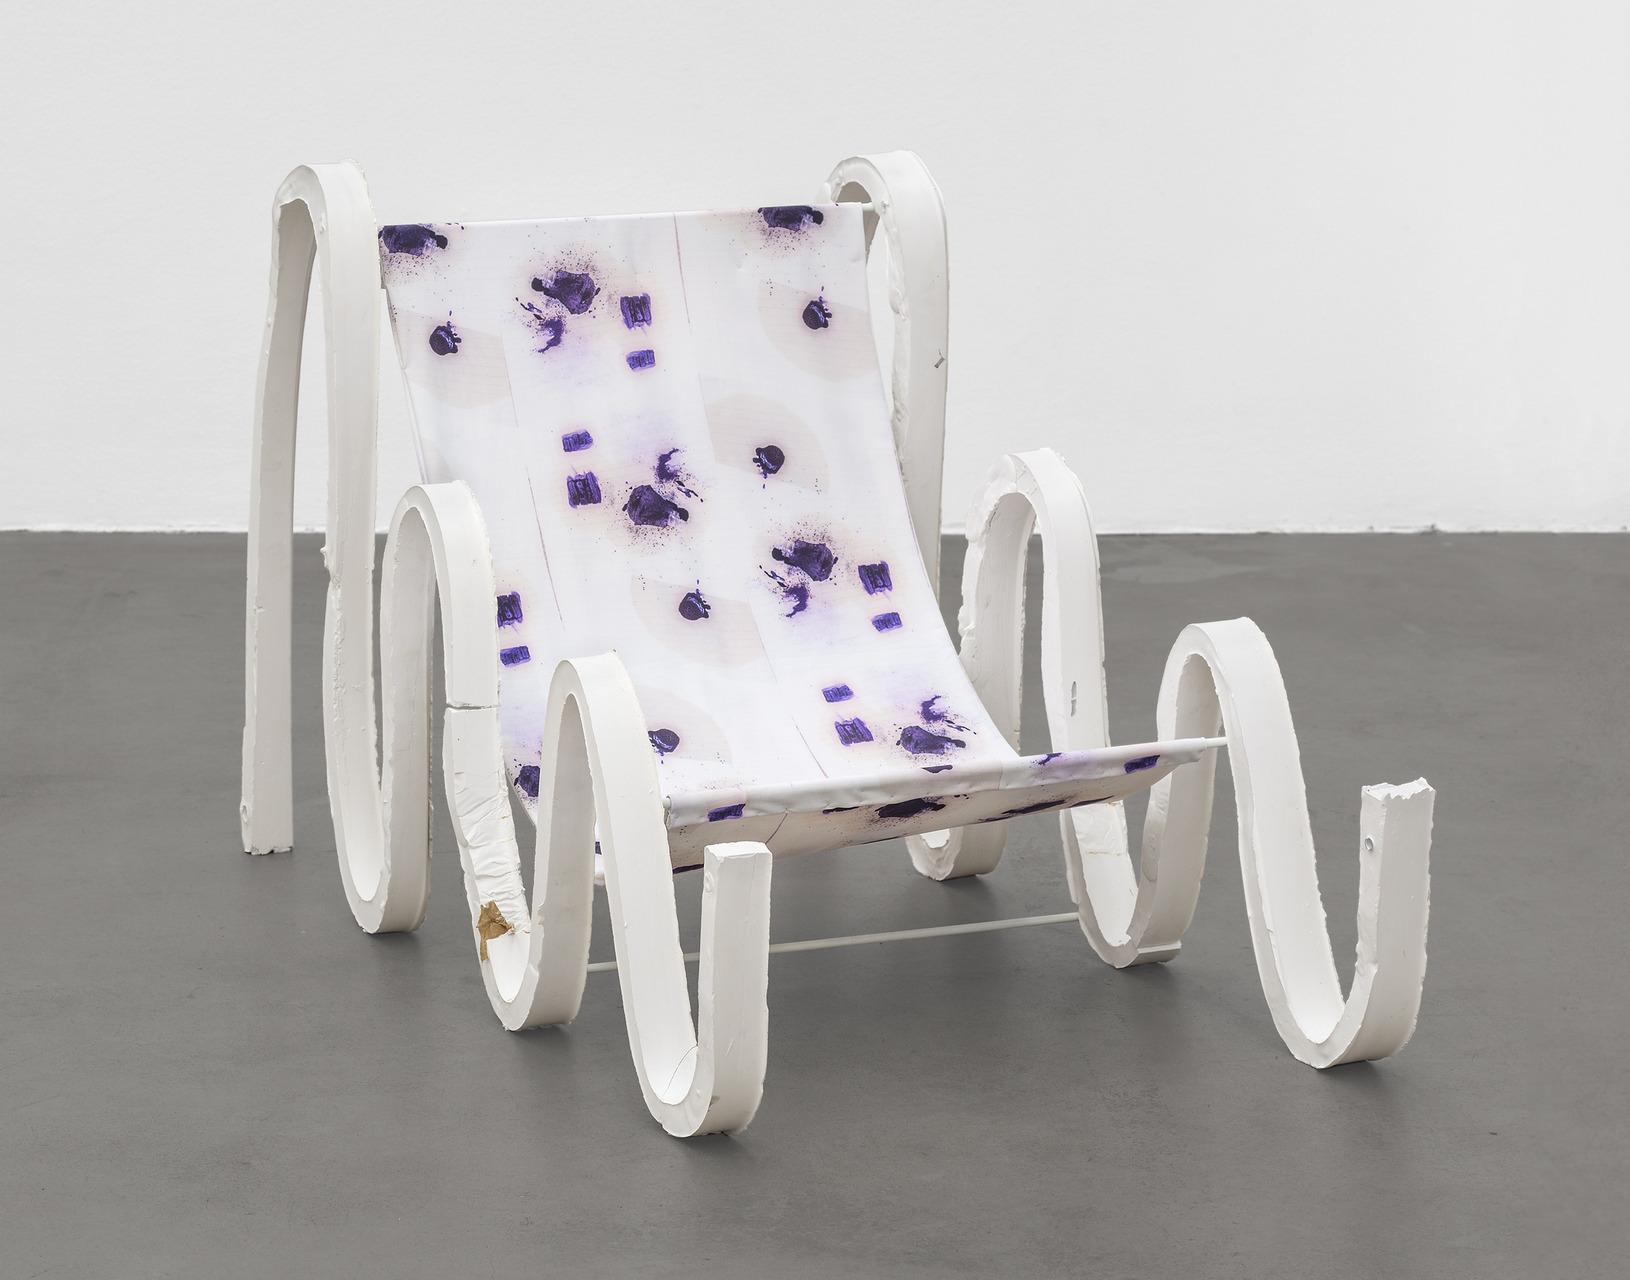 CB_Earthquake Chair_2015